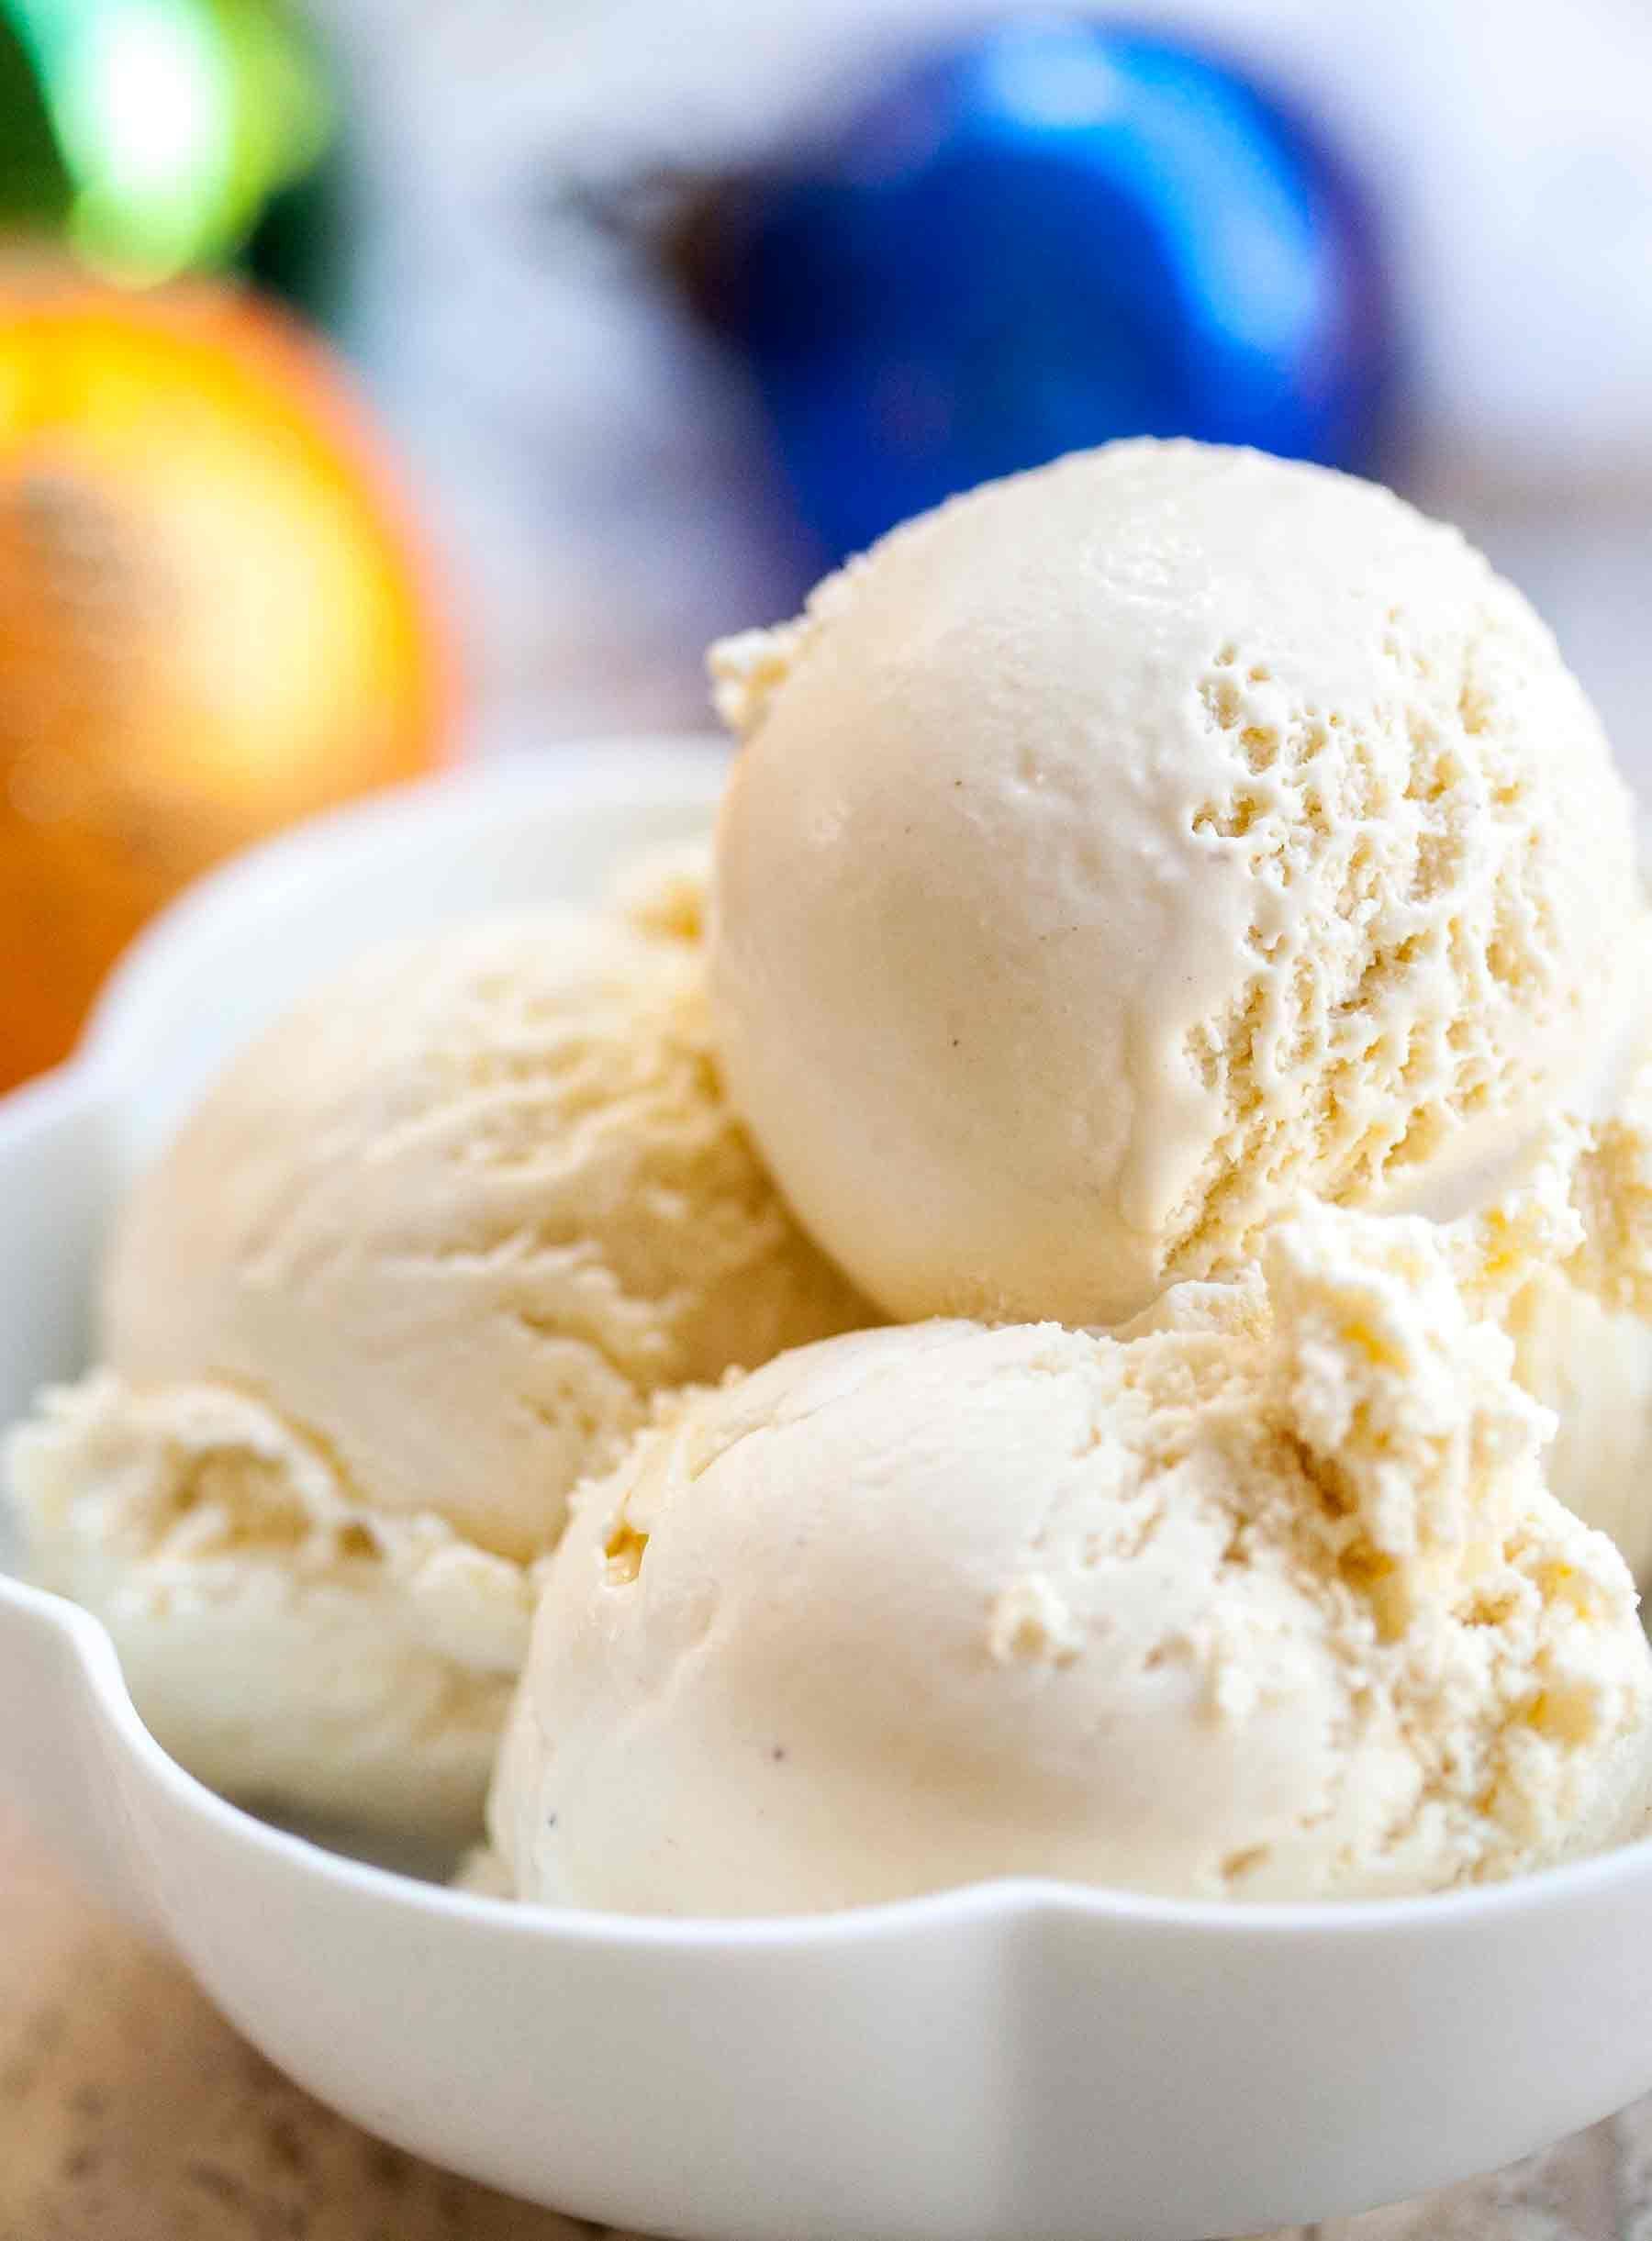 Eggnog Ice Cream Recipe Homemade Simplyrecipes Com Recipe Eggnog Ice Cream Ice Cream Recipes Homemade Ice Cream Recipes